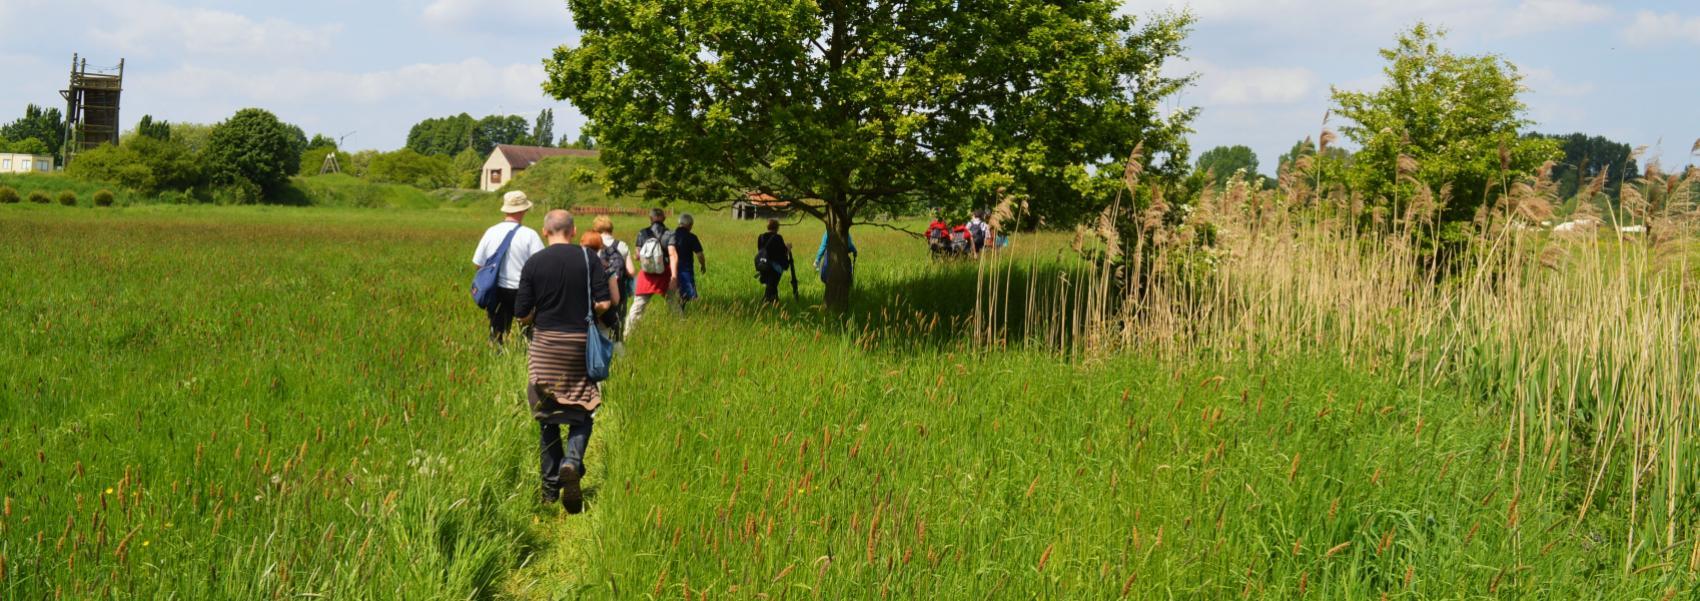 groep wandelaars in een graslandschap